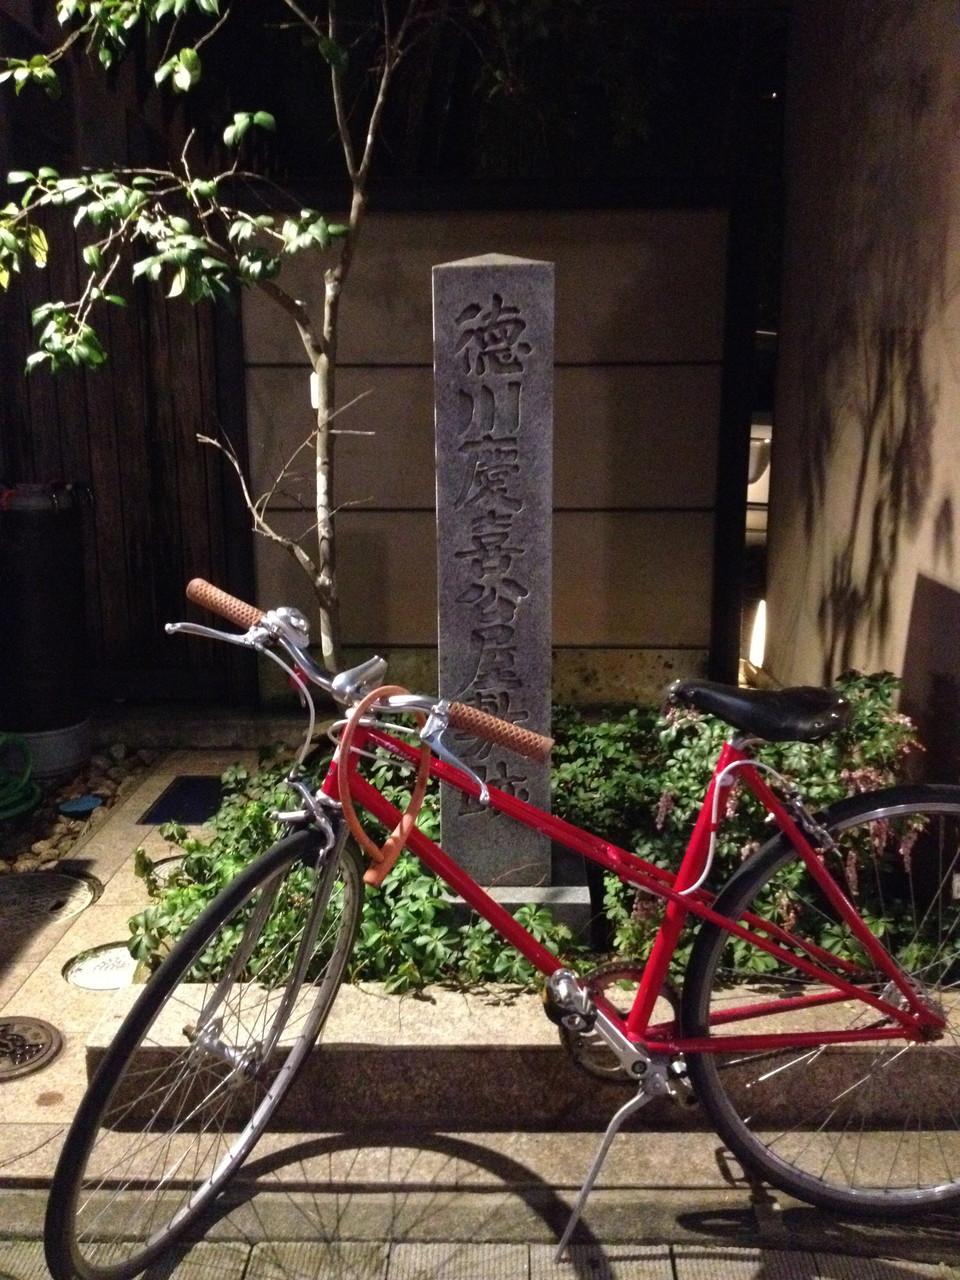 そう ここは徳川慶喜が住んでいた場所だったのです。